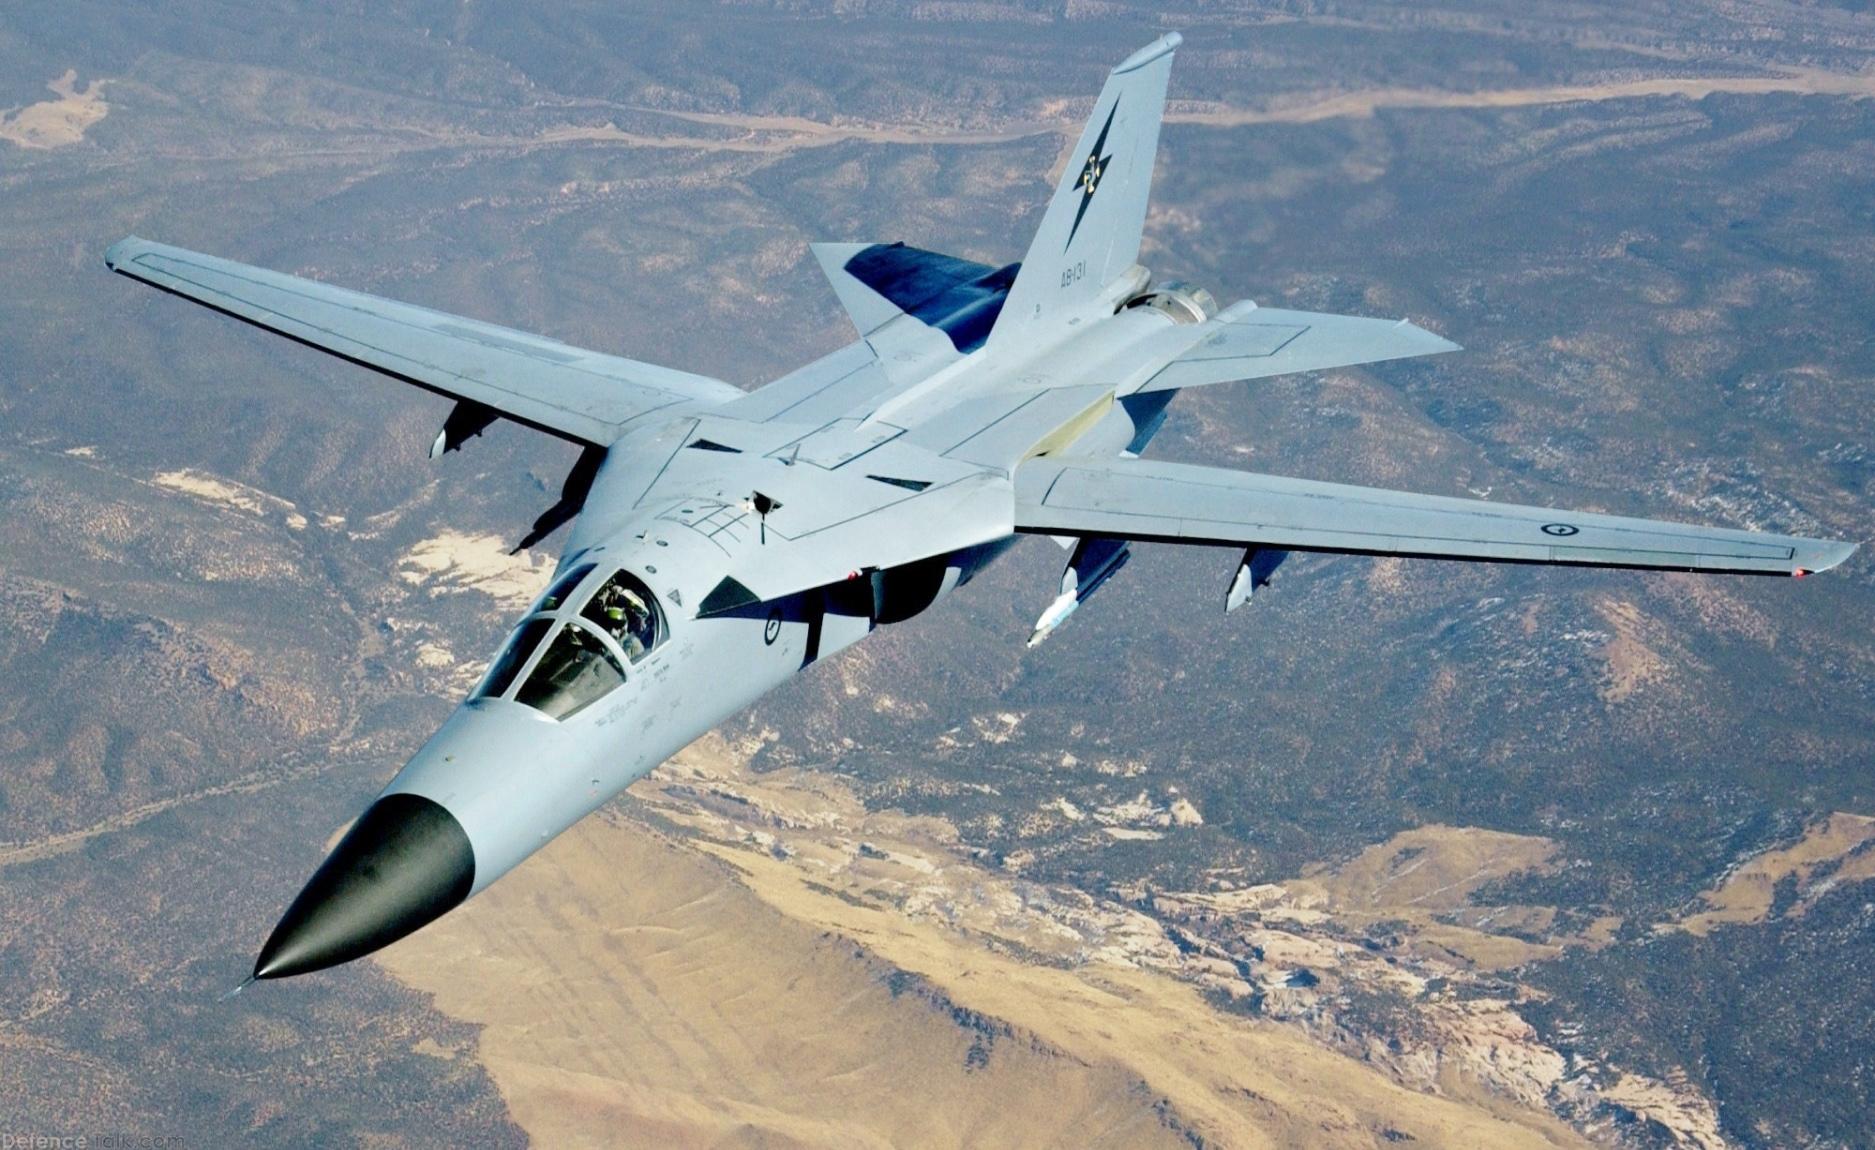 General Dynamics F-111C - Wikipedia